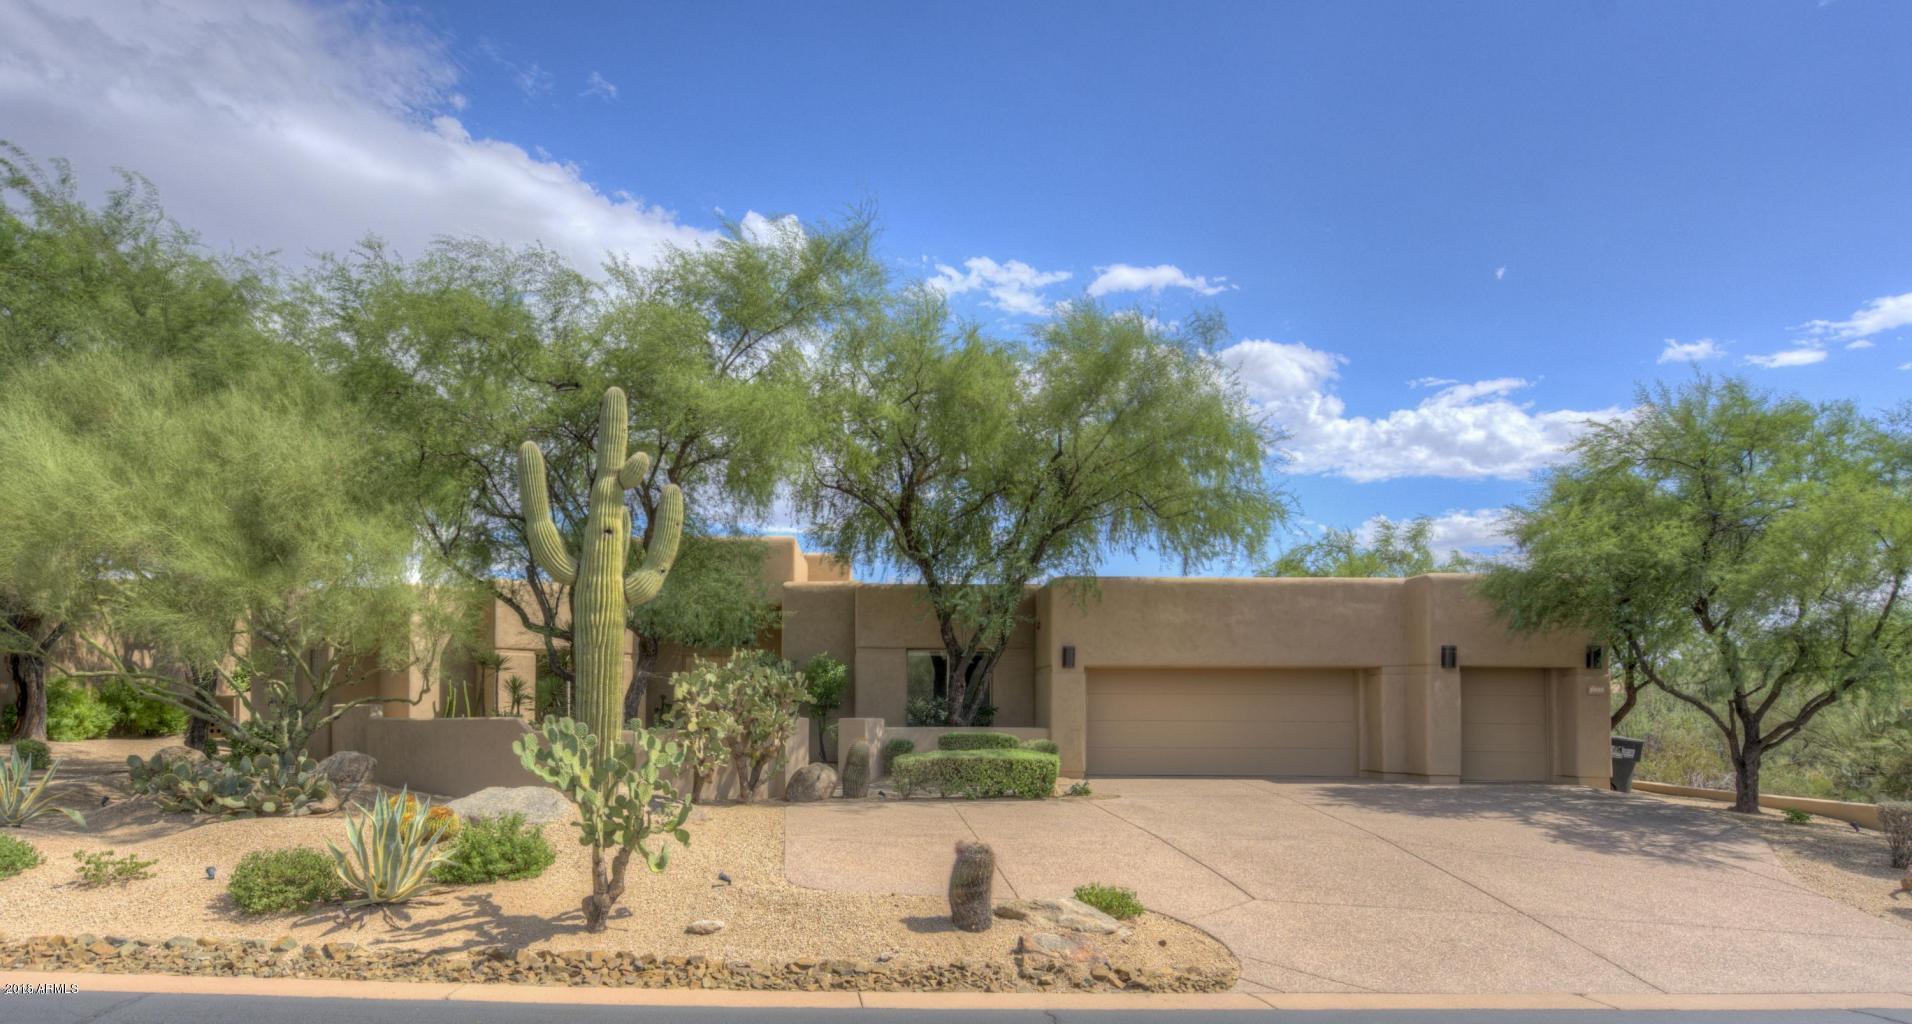 34125 N Boulders Parkway, Scottsdale AZ 85266 - Photo 2